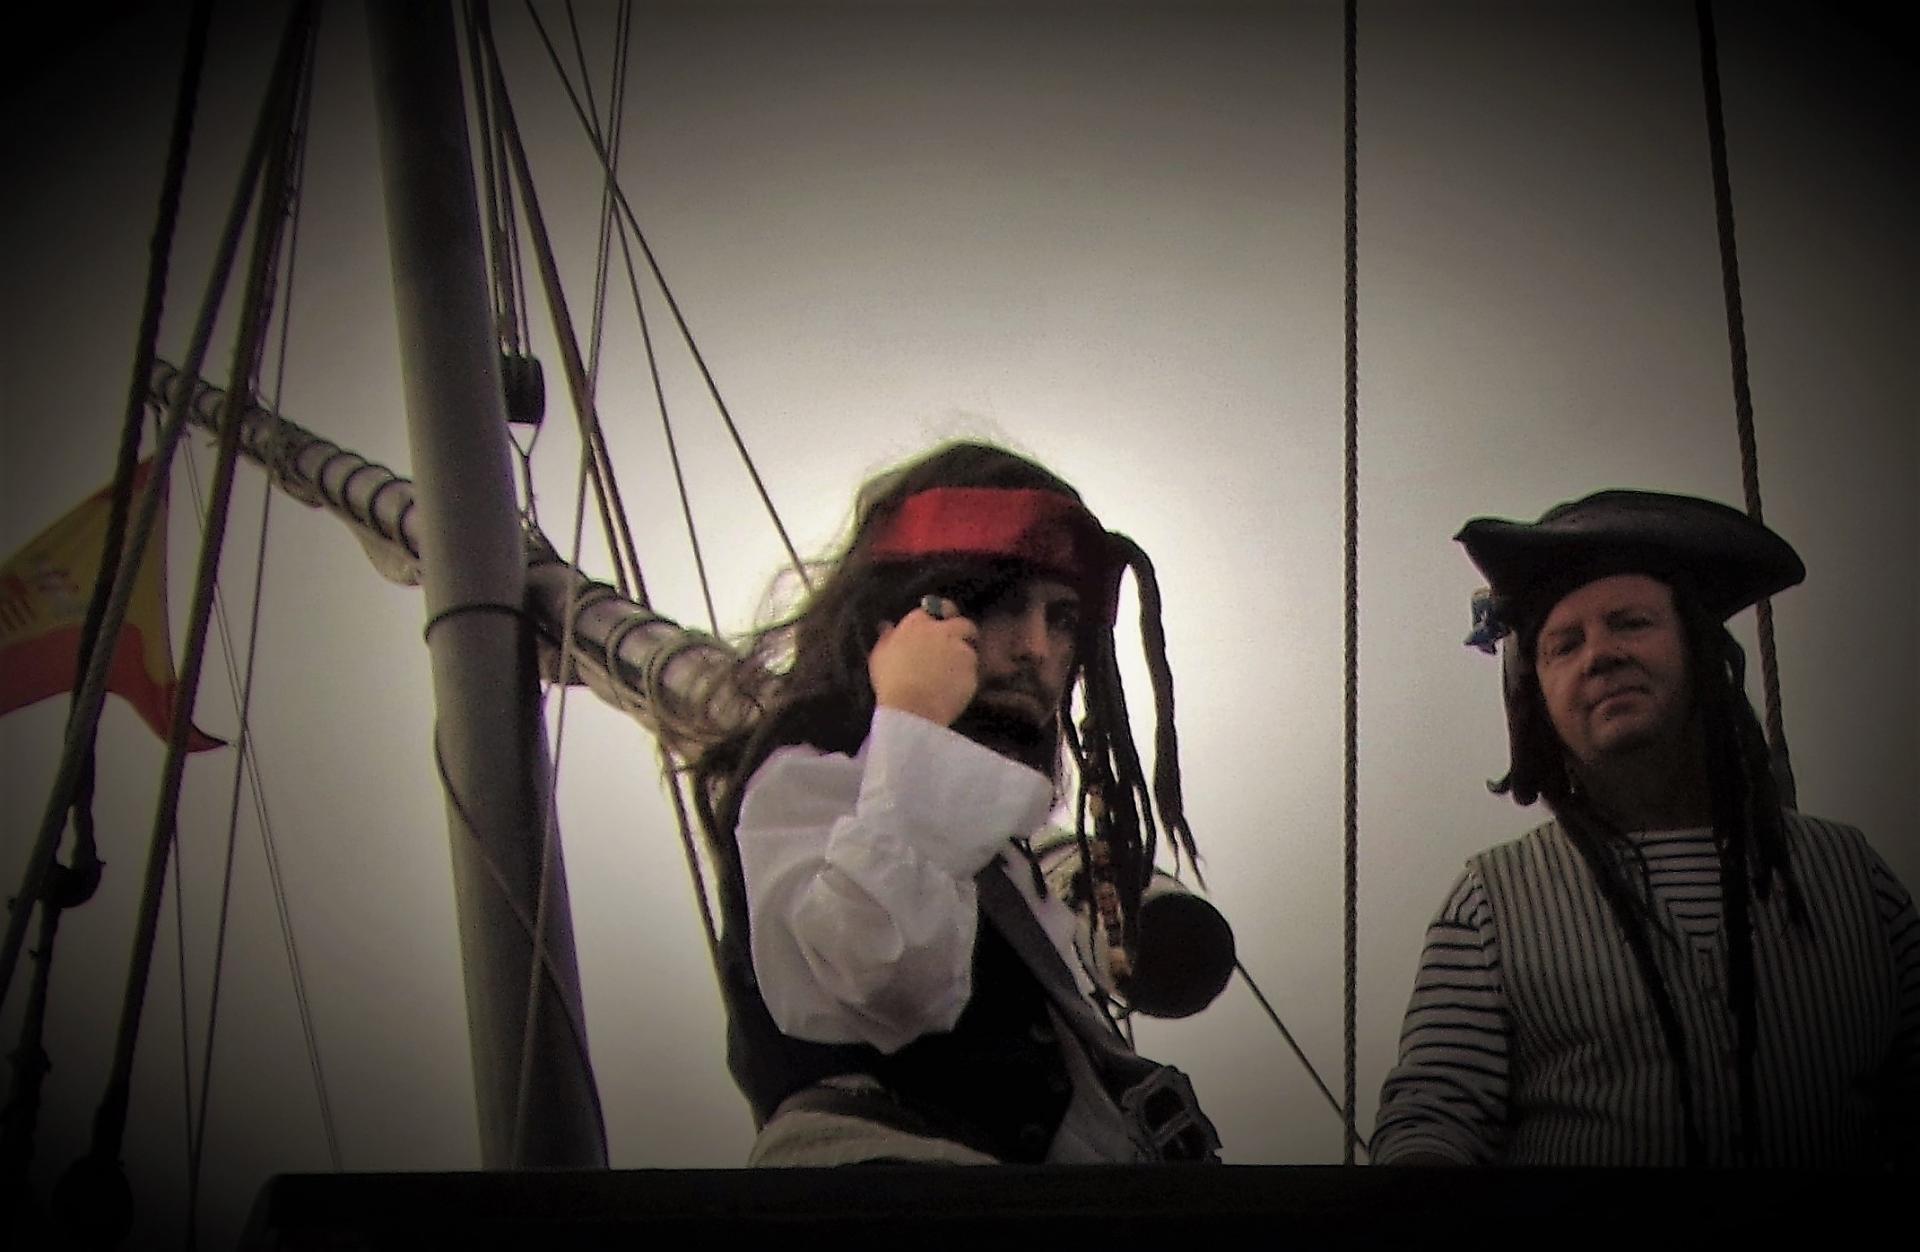 Ee calais les pirates fete maritime de calais 2